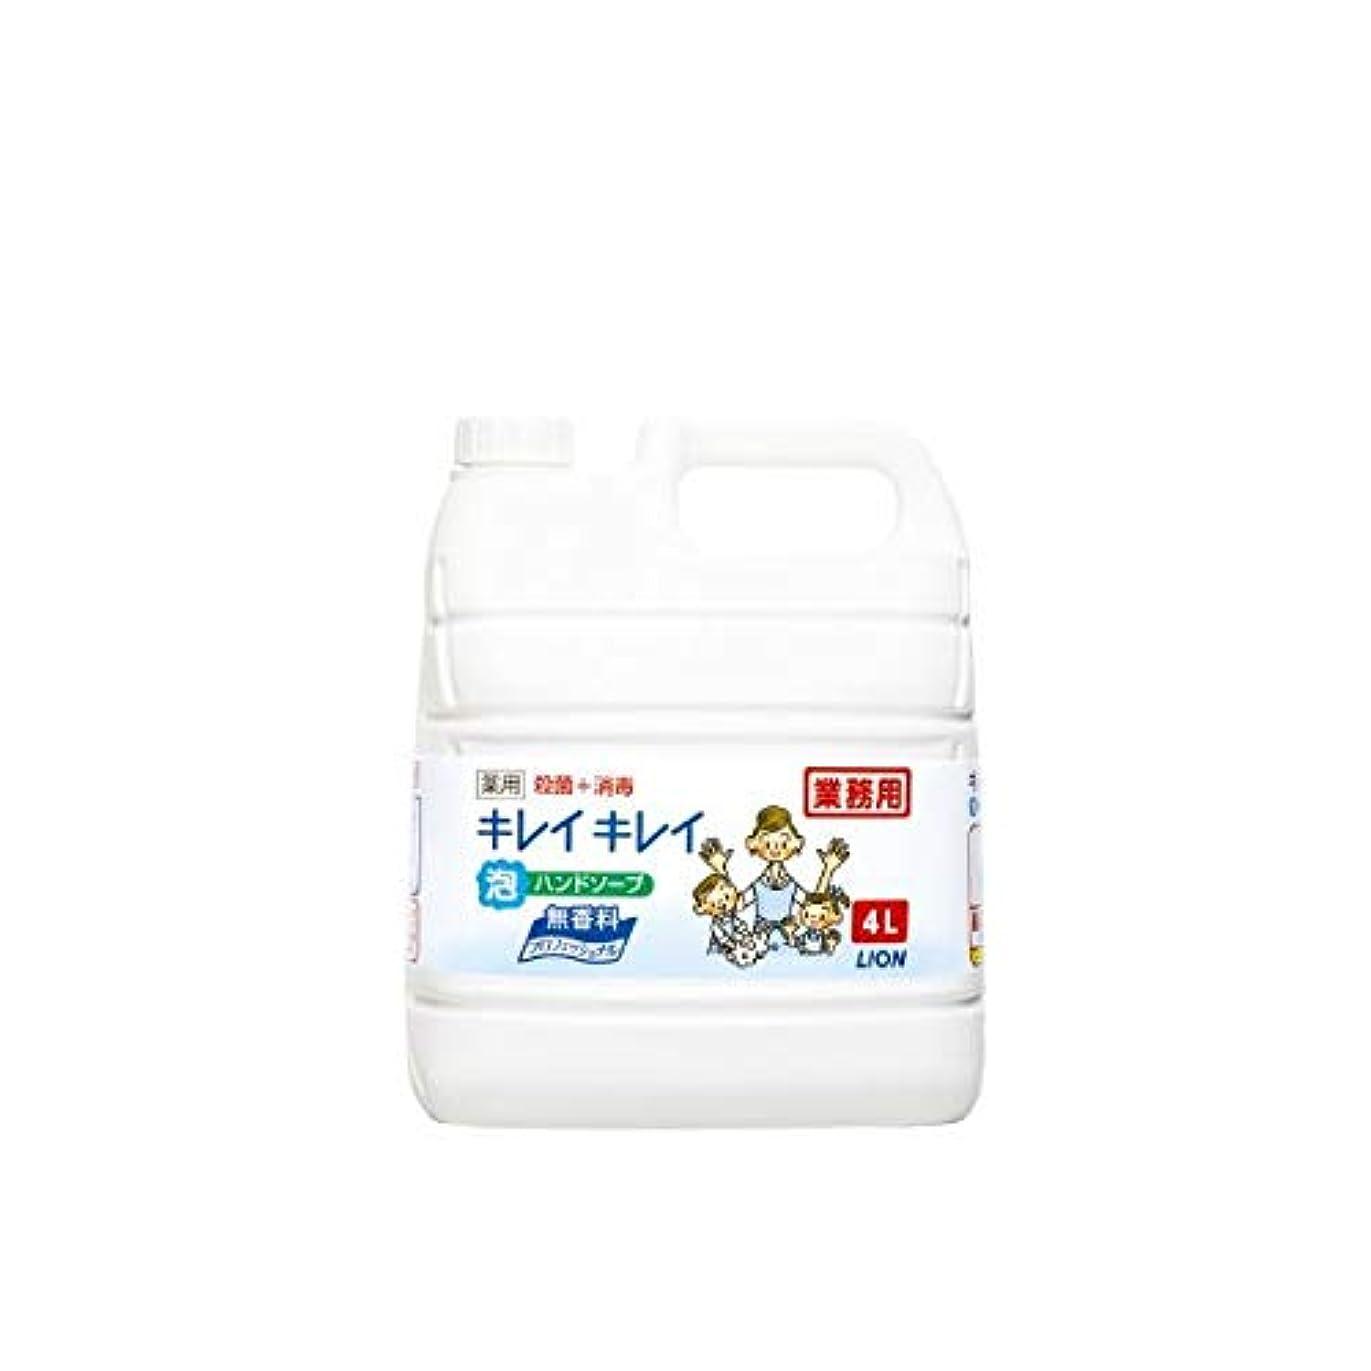 うまれた対立フラグラントライオン キレイキレイ泡ハンドソープPRO 無香料 4L ダイエット 健康 衛生用品 ハンドソープ 14067381 [並行輸入品]